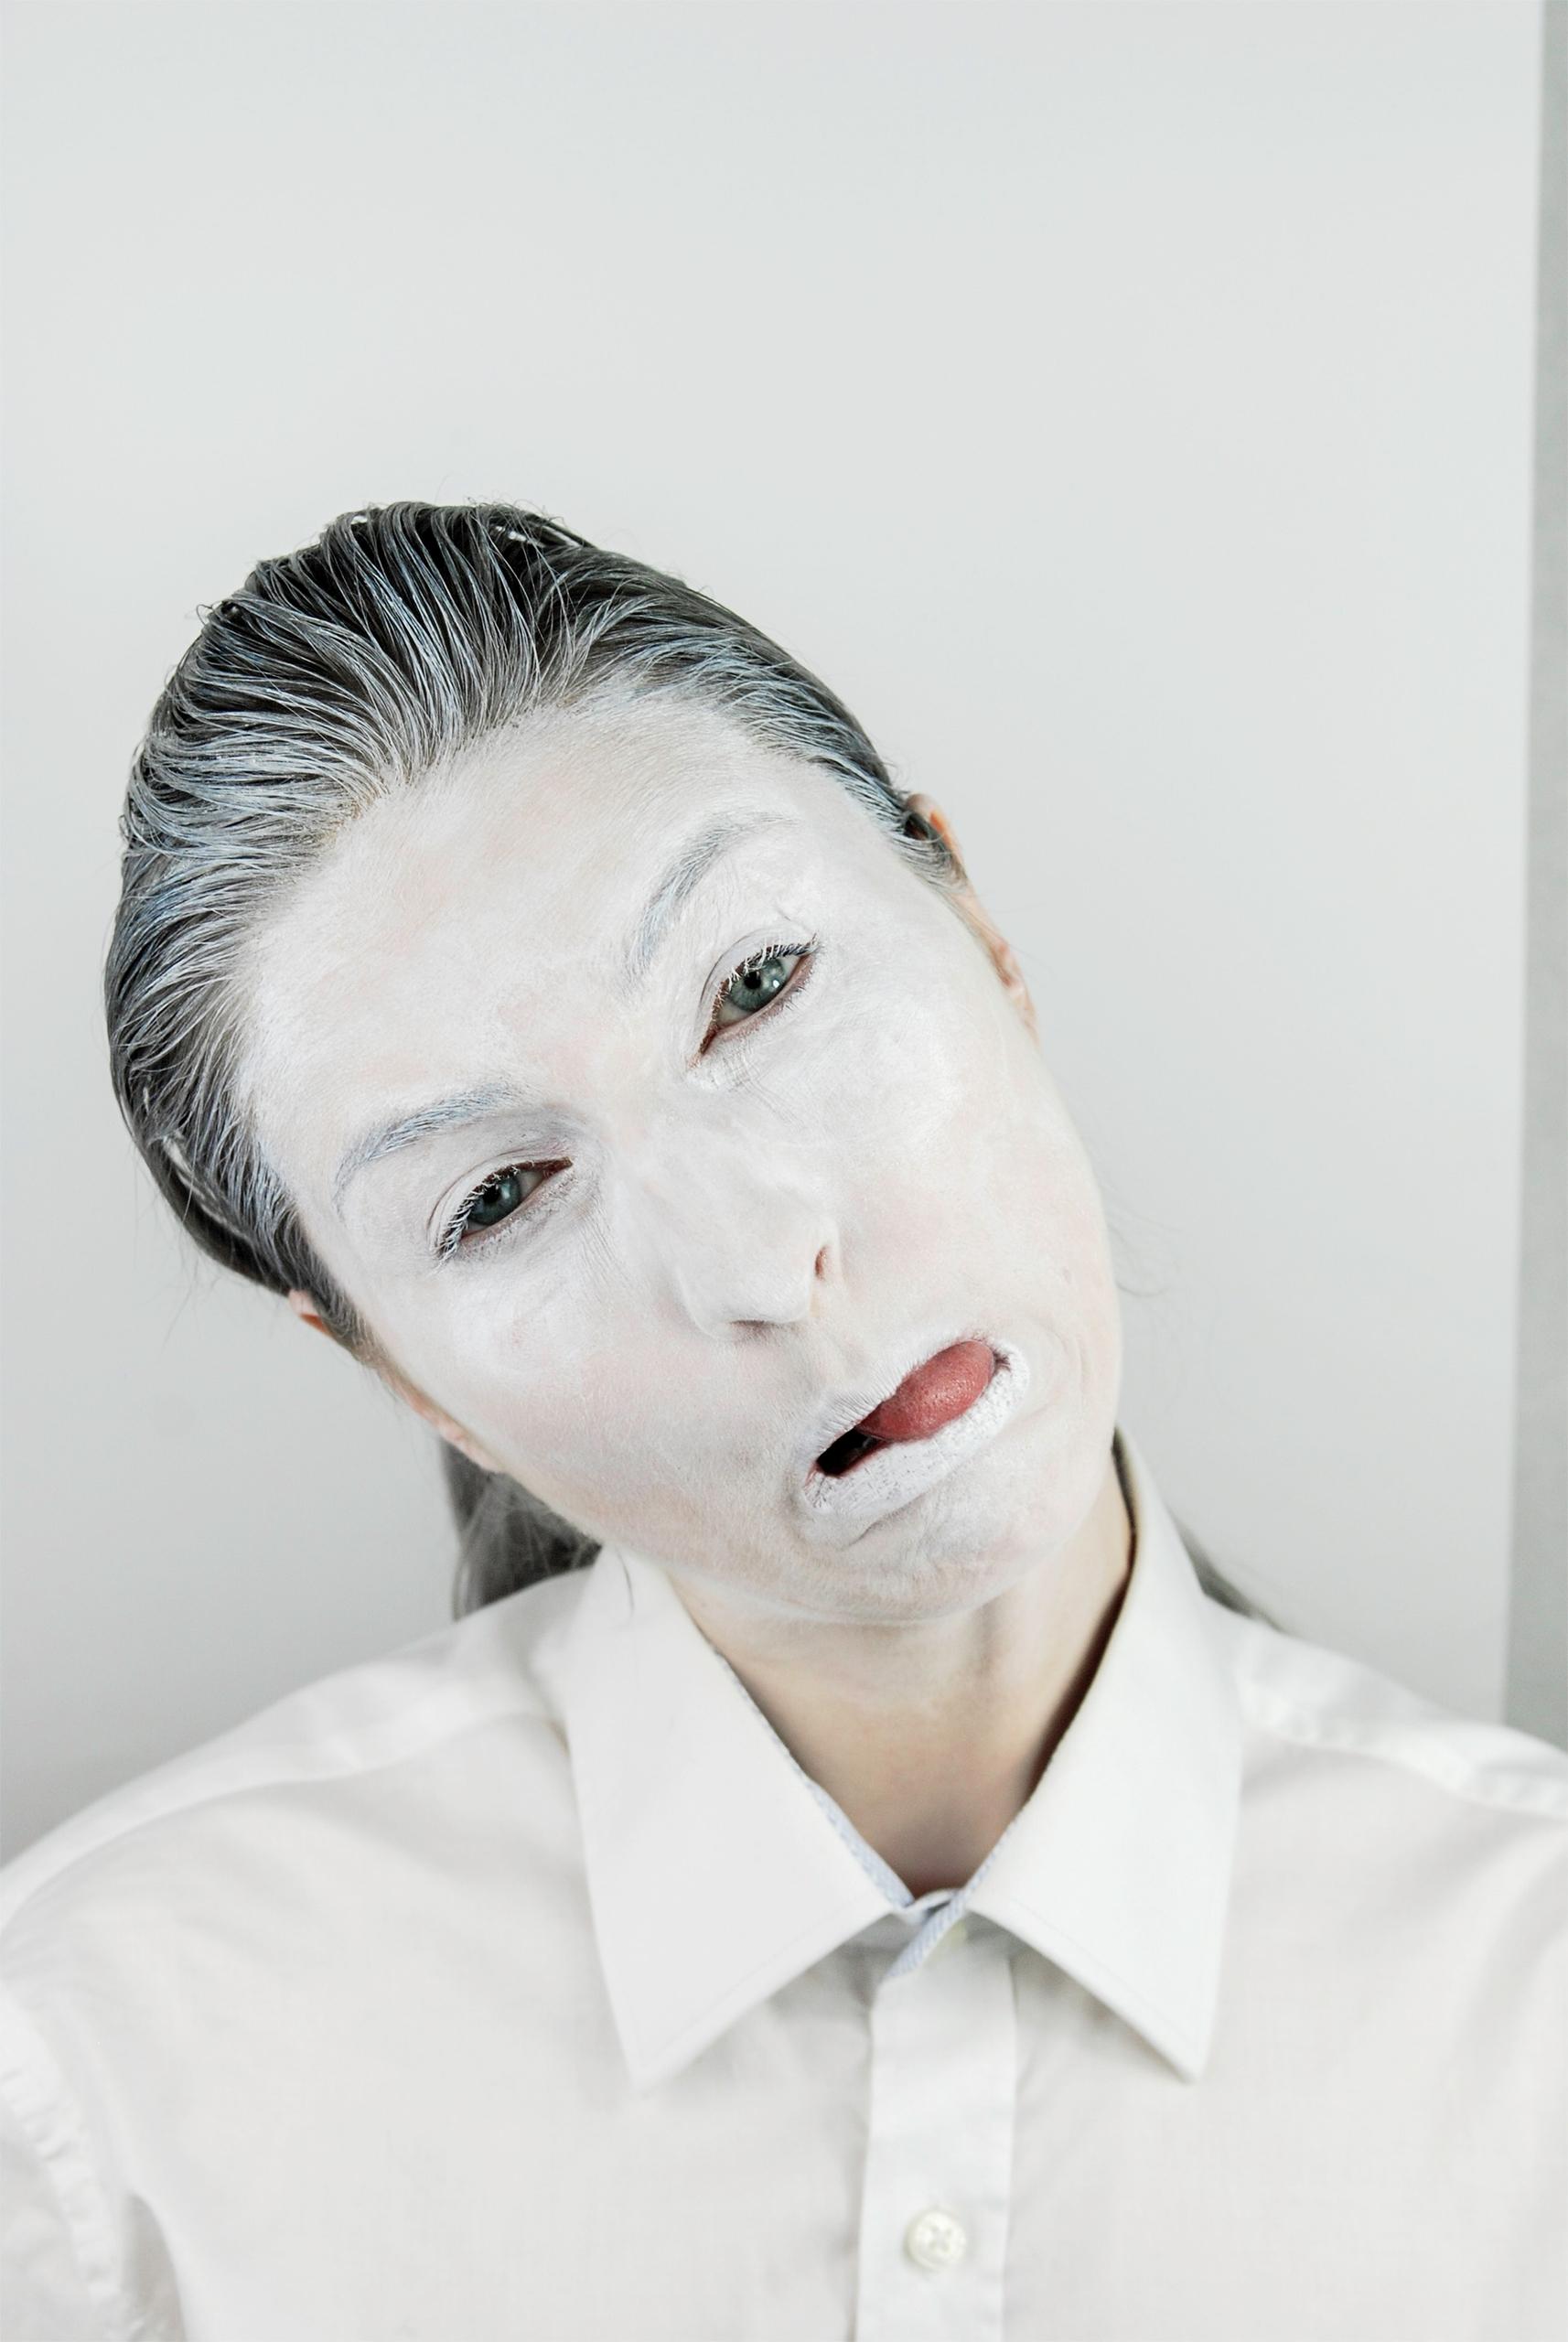 Zdjęcie przedstawia człowieka pomalowanego białą farbą, który przekrzywia głowę i usta.